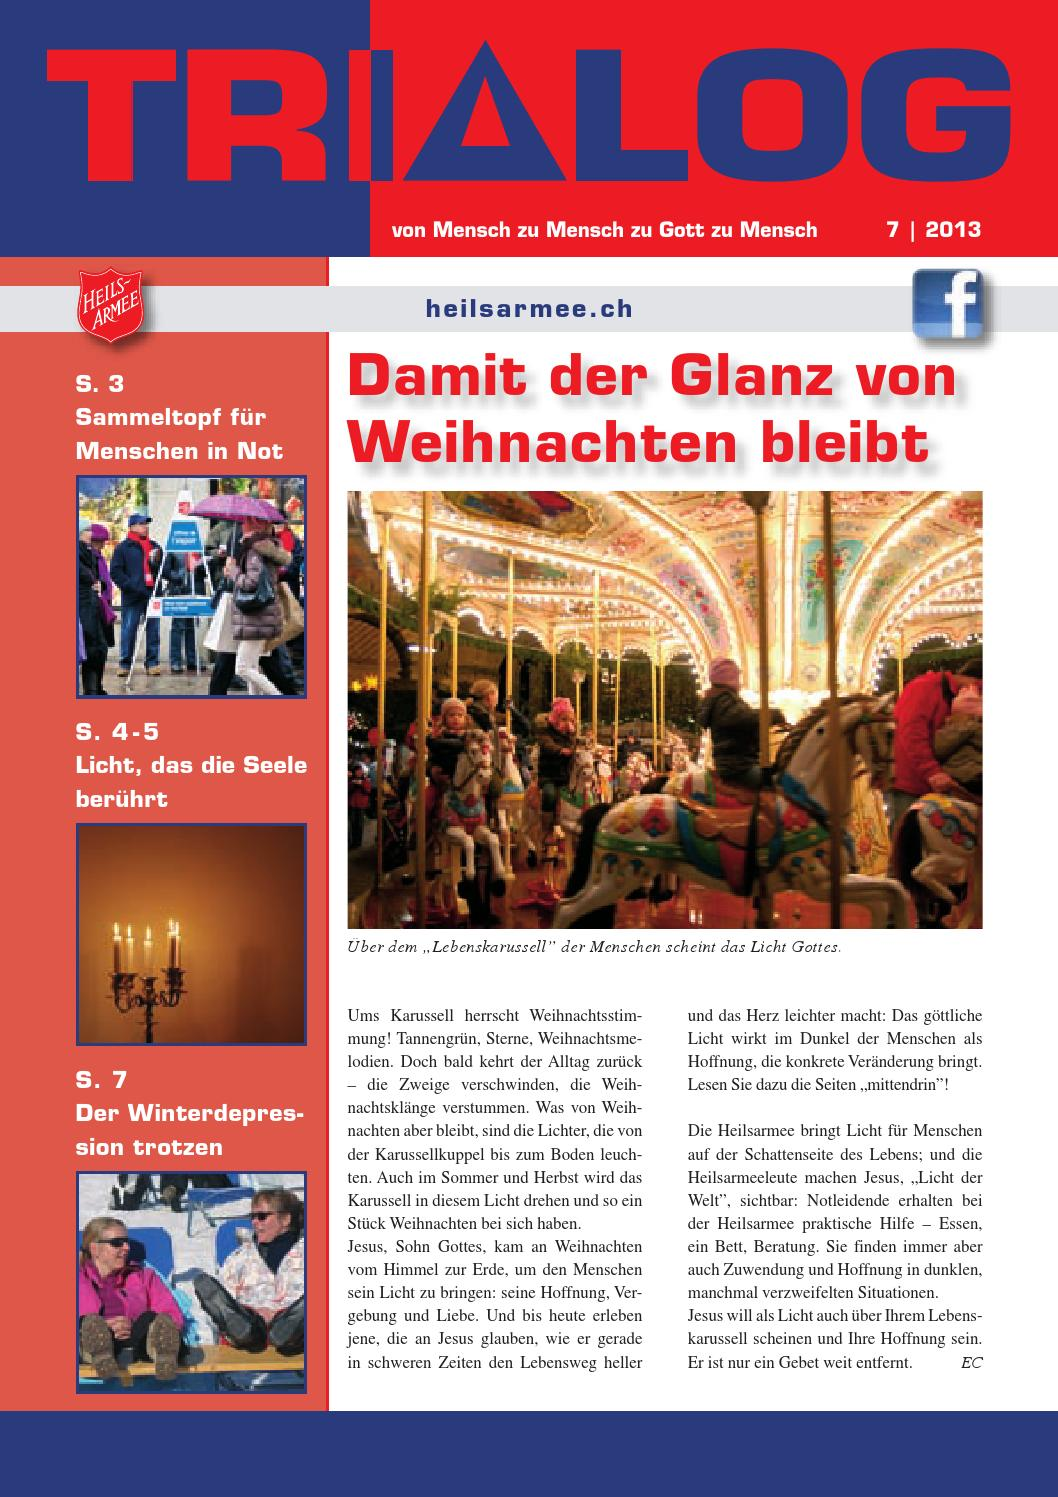 Trialog 7/2013 - Damit der Glanz von Weihnachten bleibt by ...